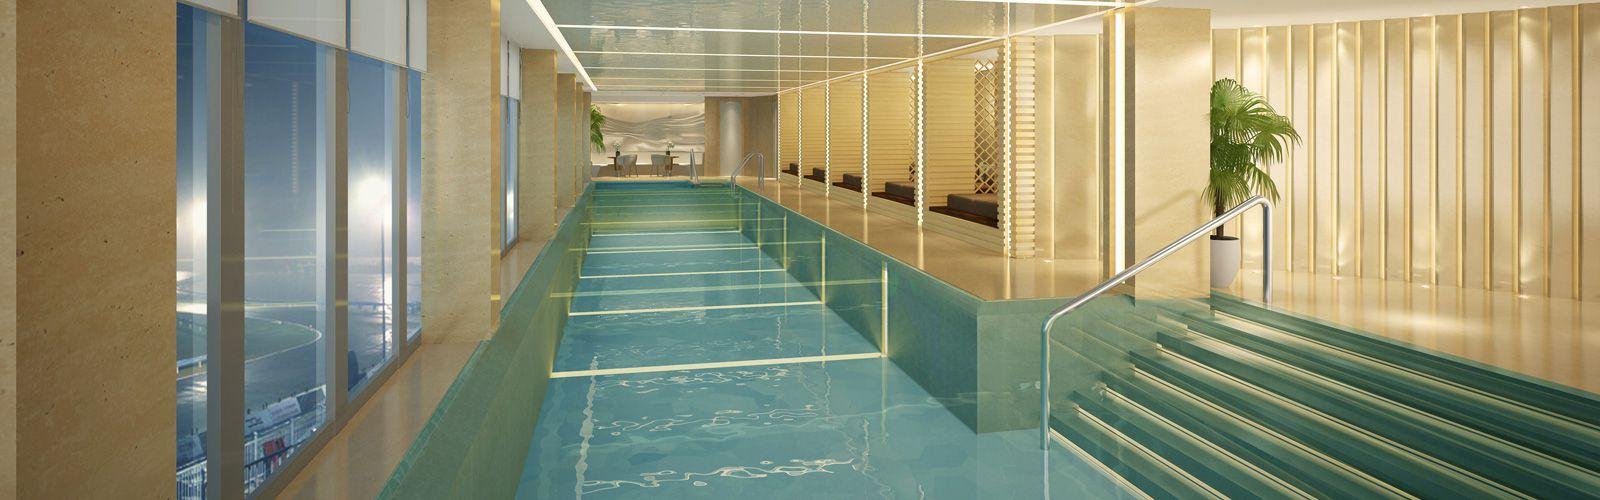 Lowongan Spa Therapist Wanita Z Spa, Zhejiang Circuit Hotel International